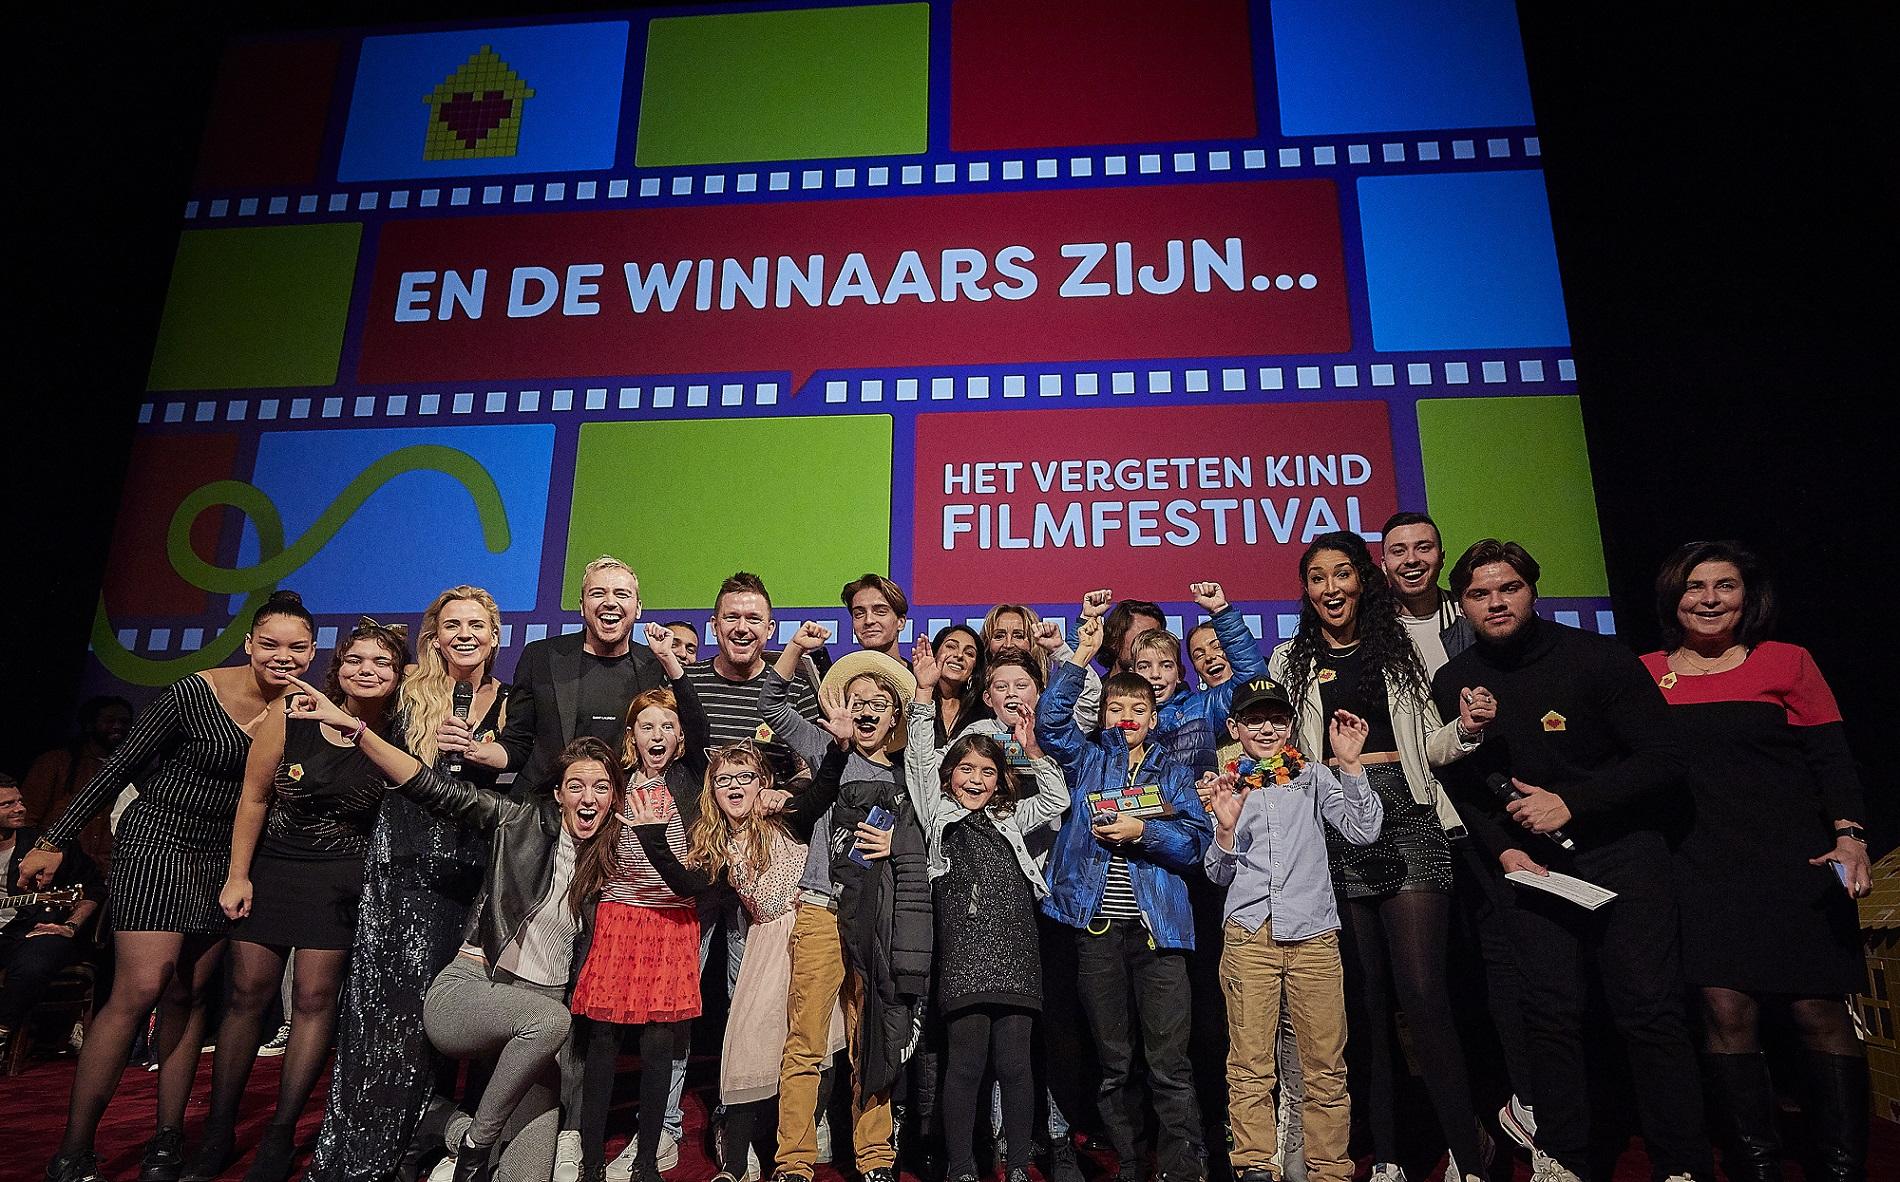 Filmfestival Maashorst